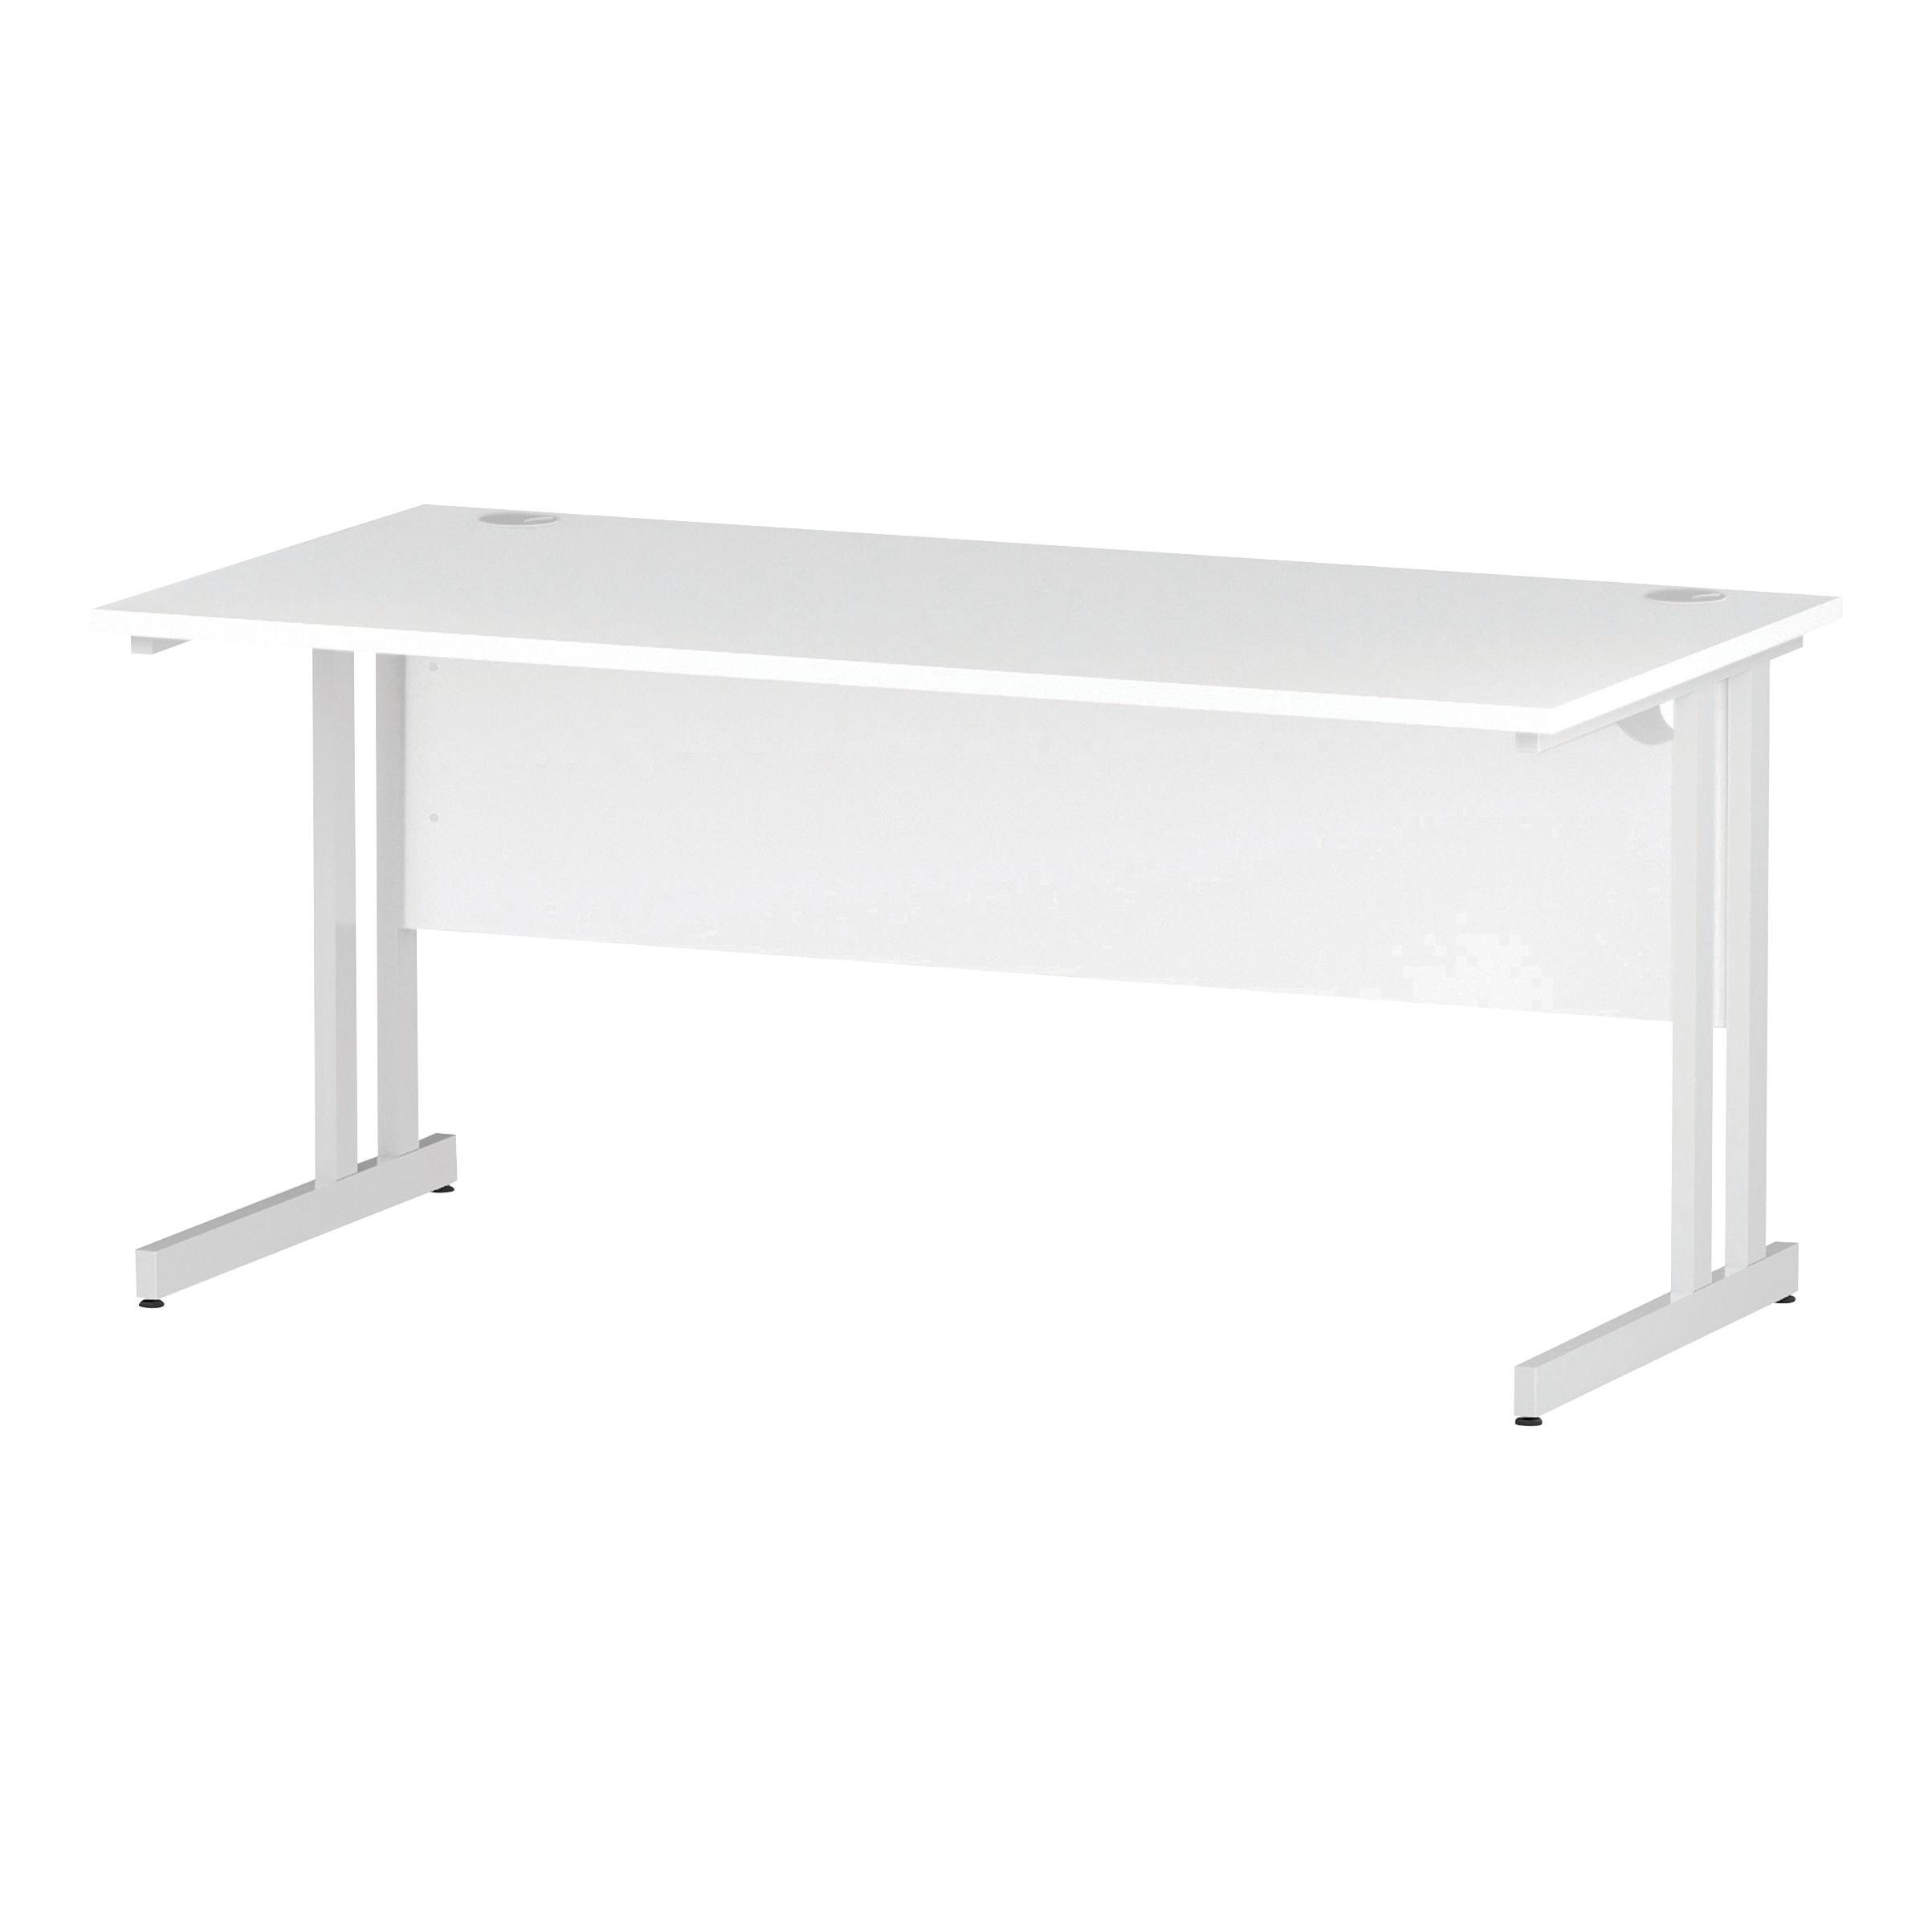 Trexus Rectangular Desk White Cantilever Leg 1600x800mm White Ref I002193